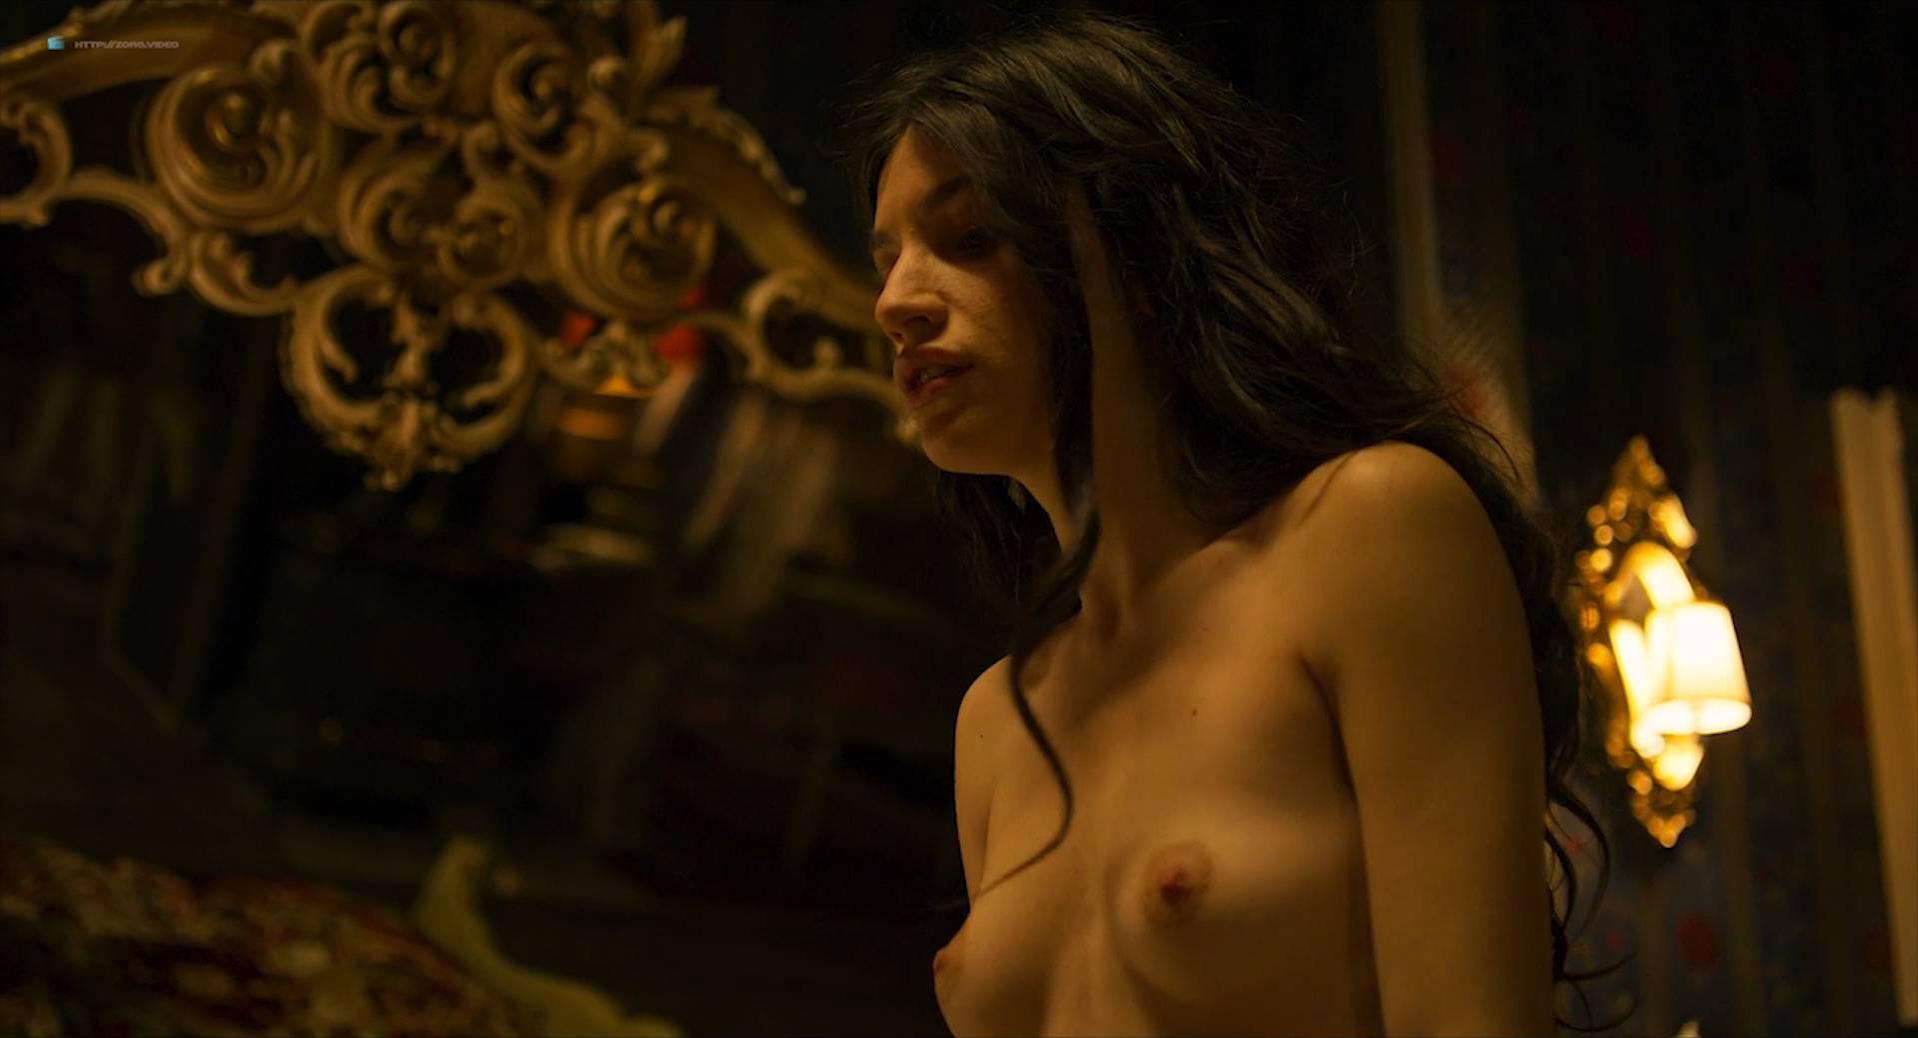 Carlotta Antonelli nude - Suburra s01 (2017)